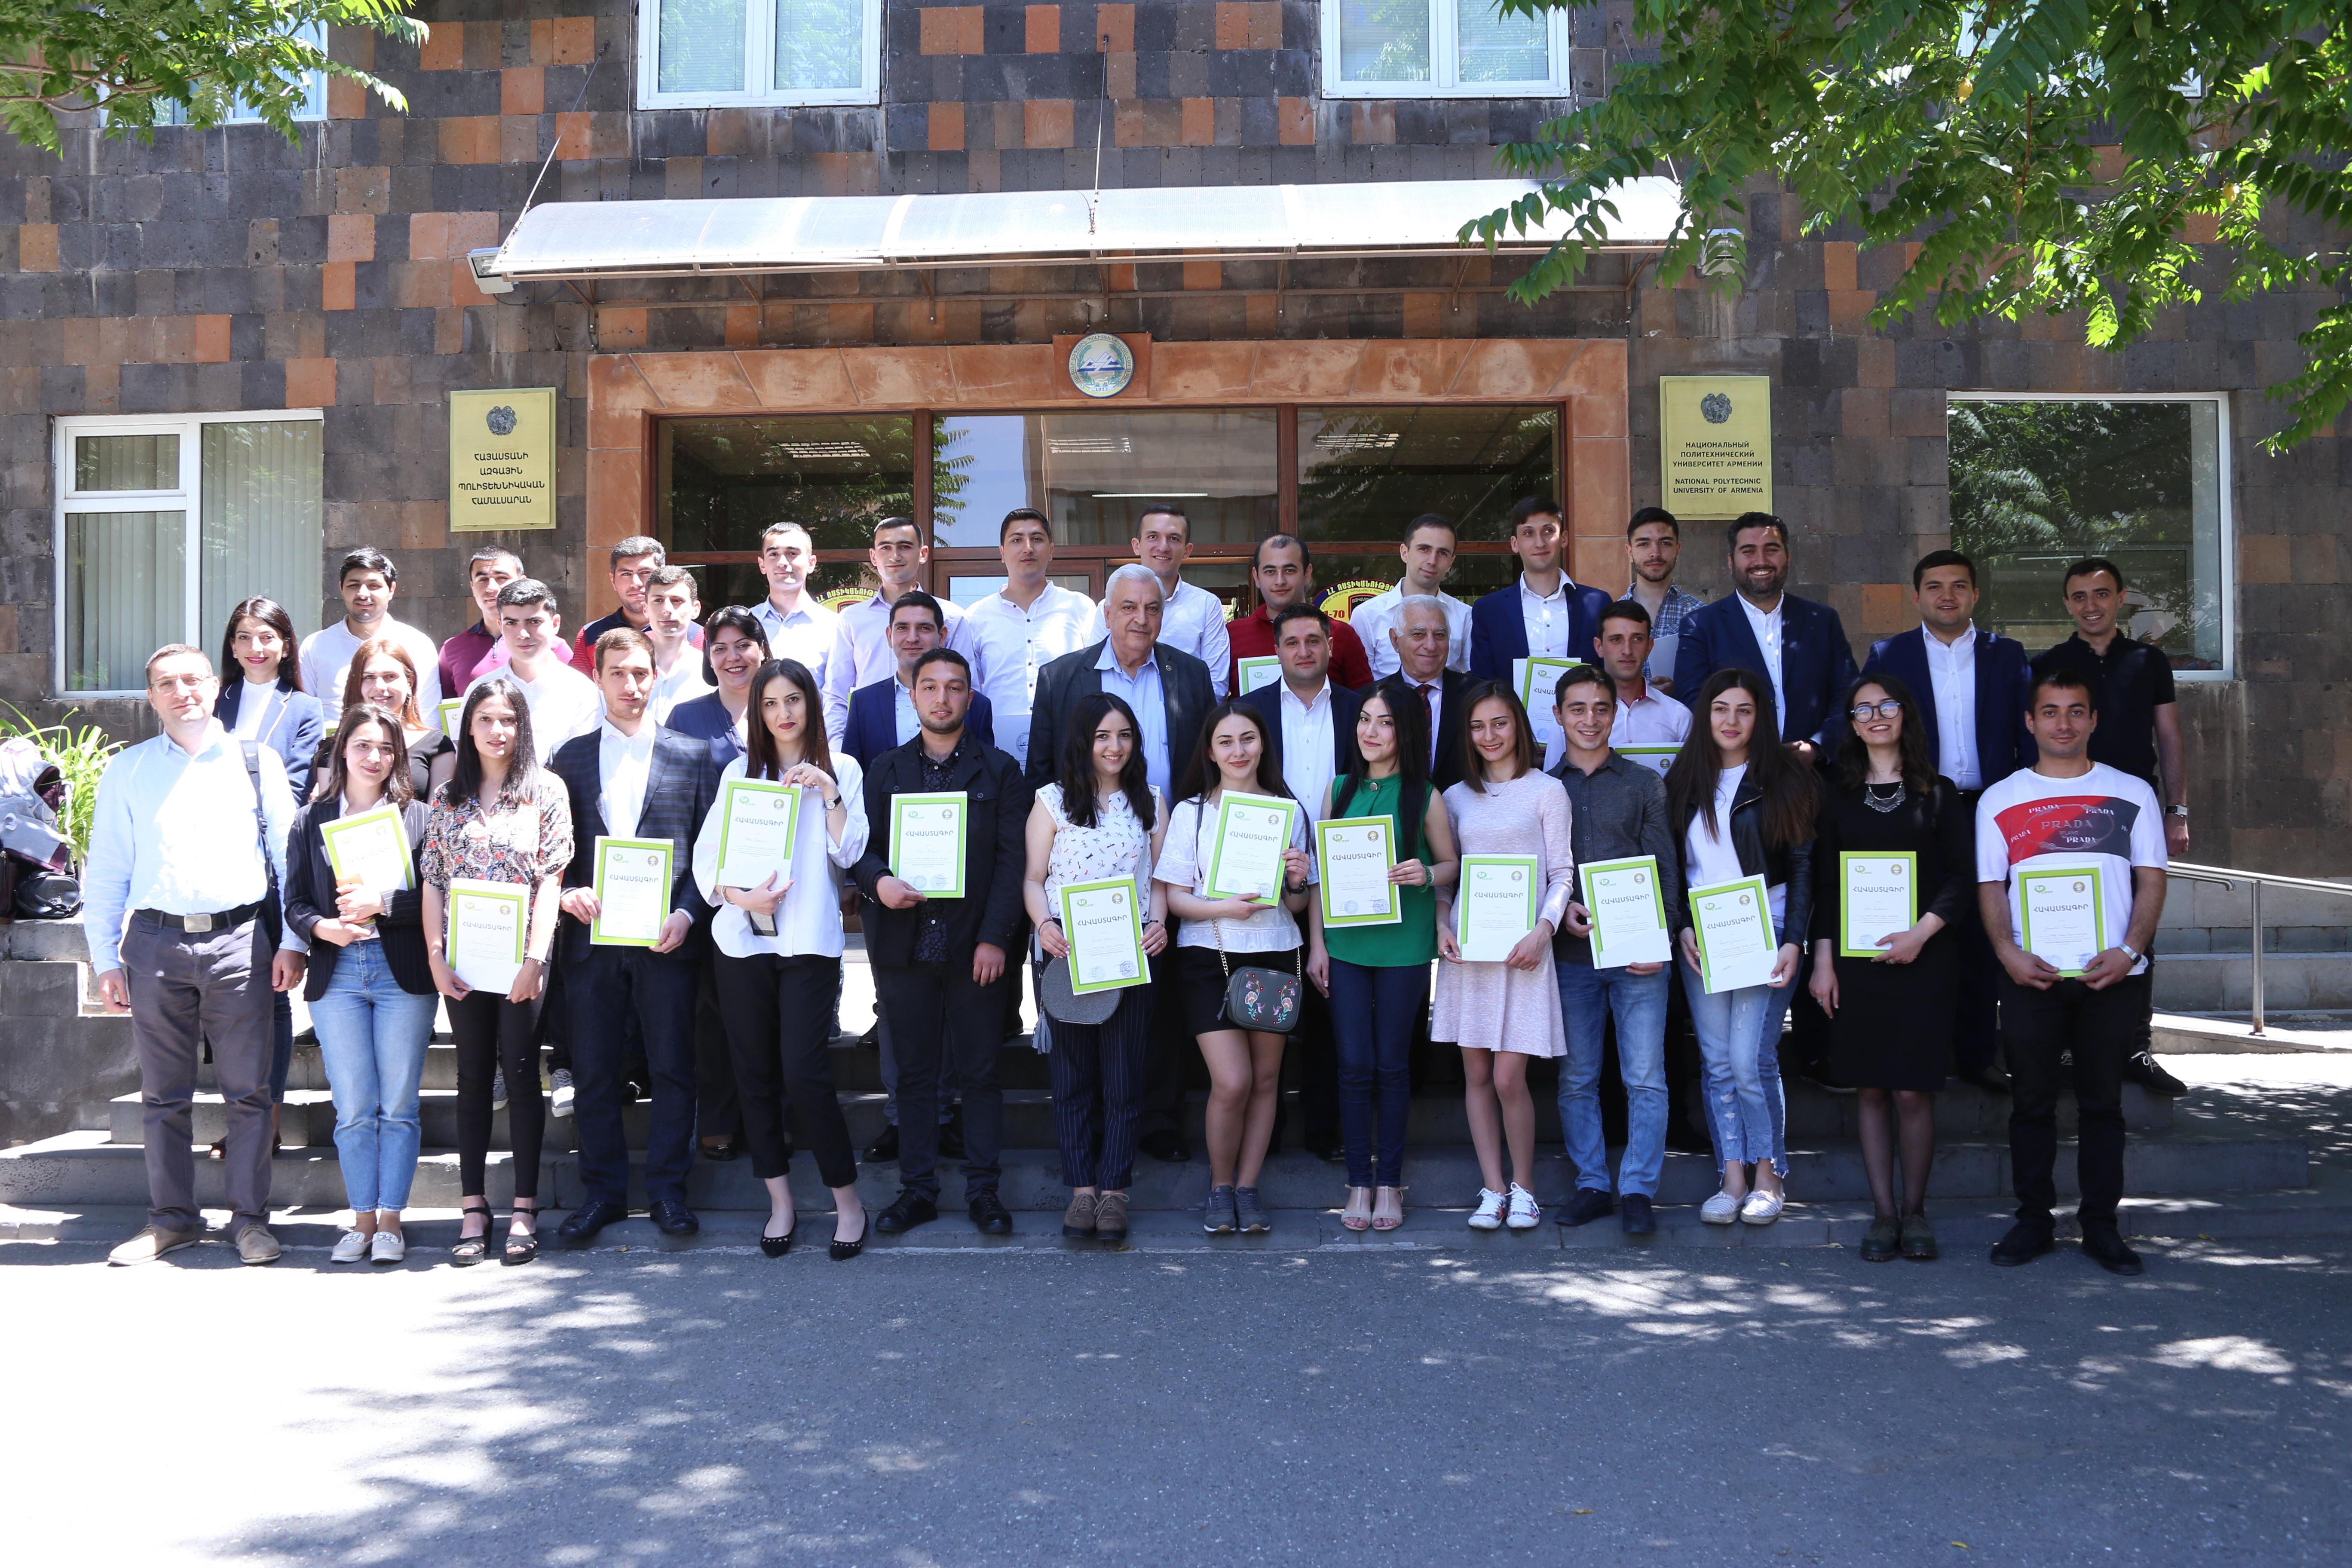 Ucom-ը մրցութային կարգով աշխատանքի է ընդունել Պոլիտեխնիկական համալսարանի ուսանողների